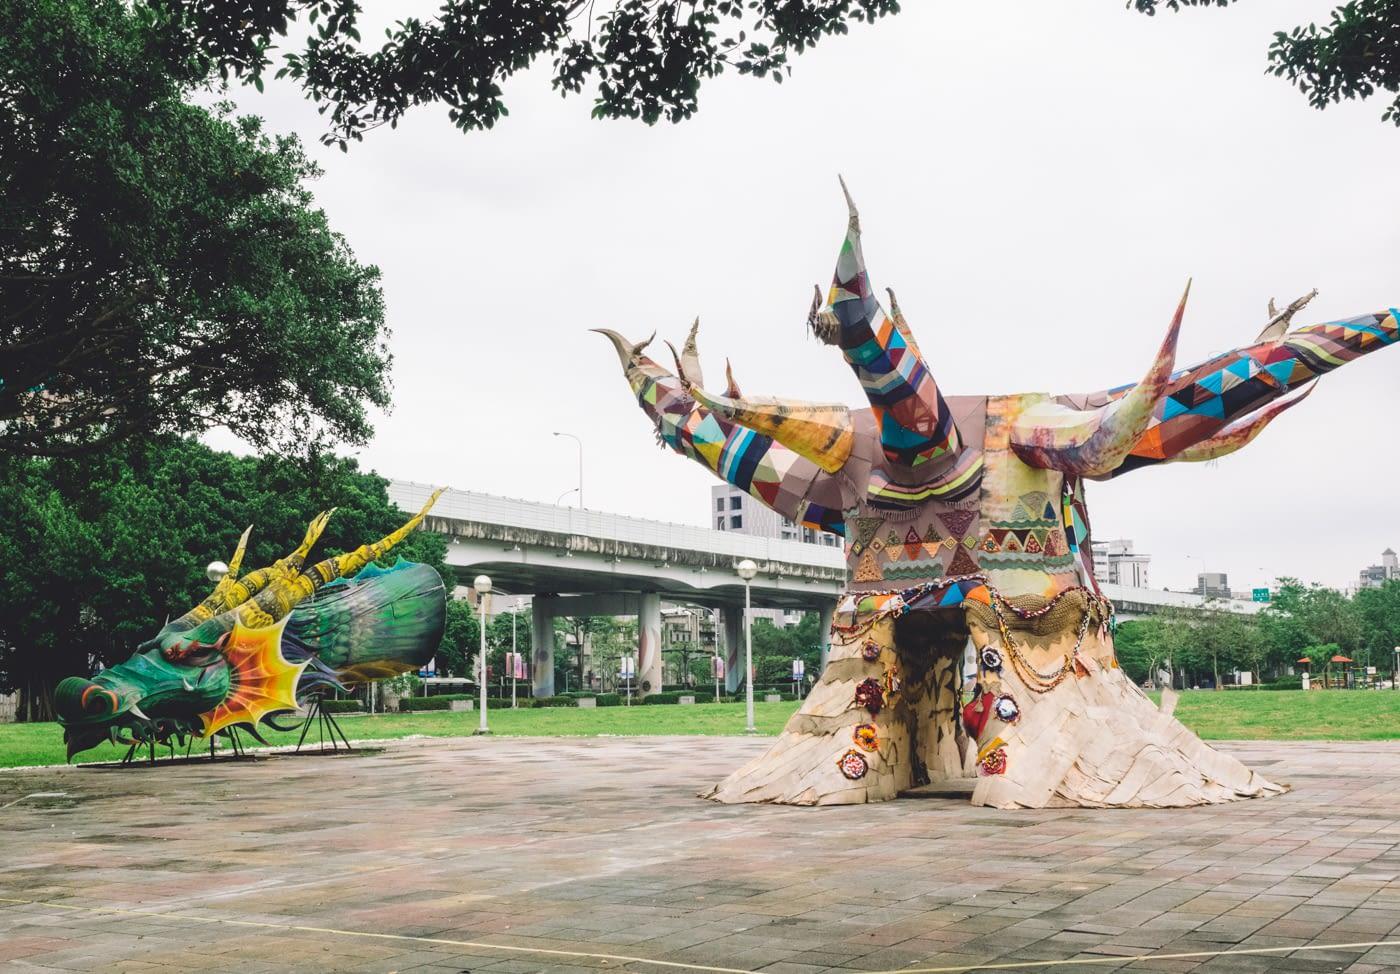 Taiwan - Huashan 1914 Creative Park - Outside sculpture